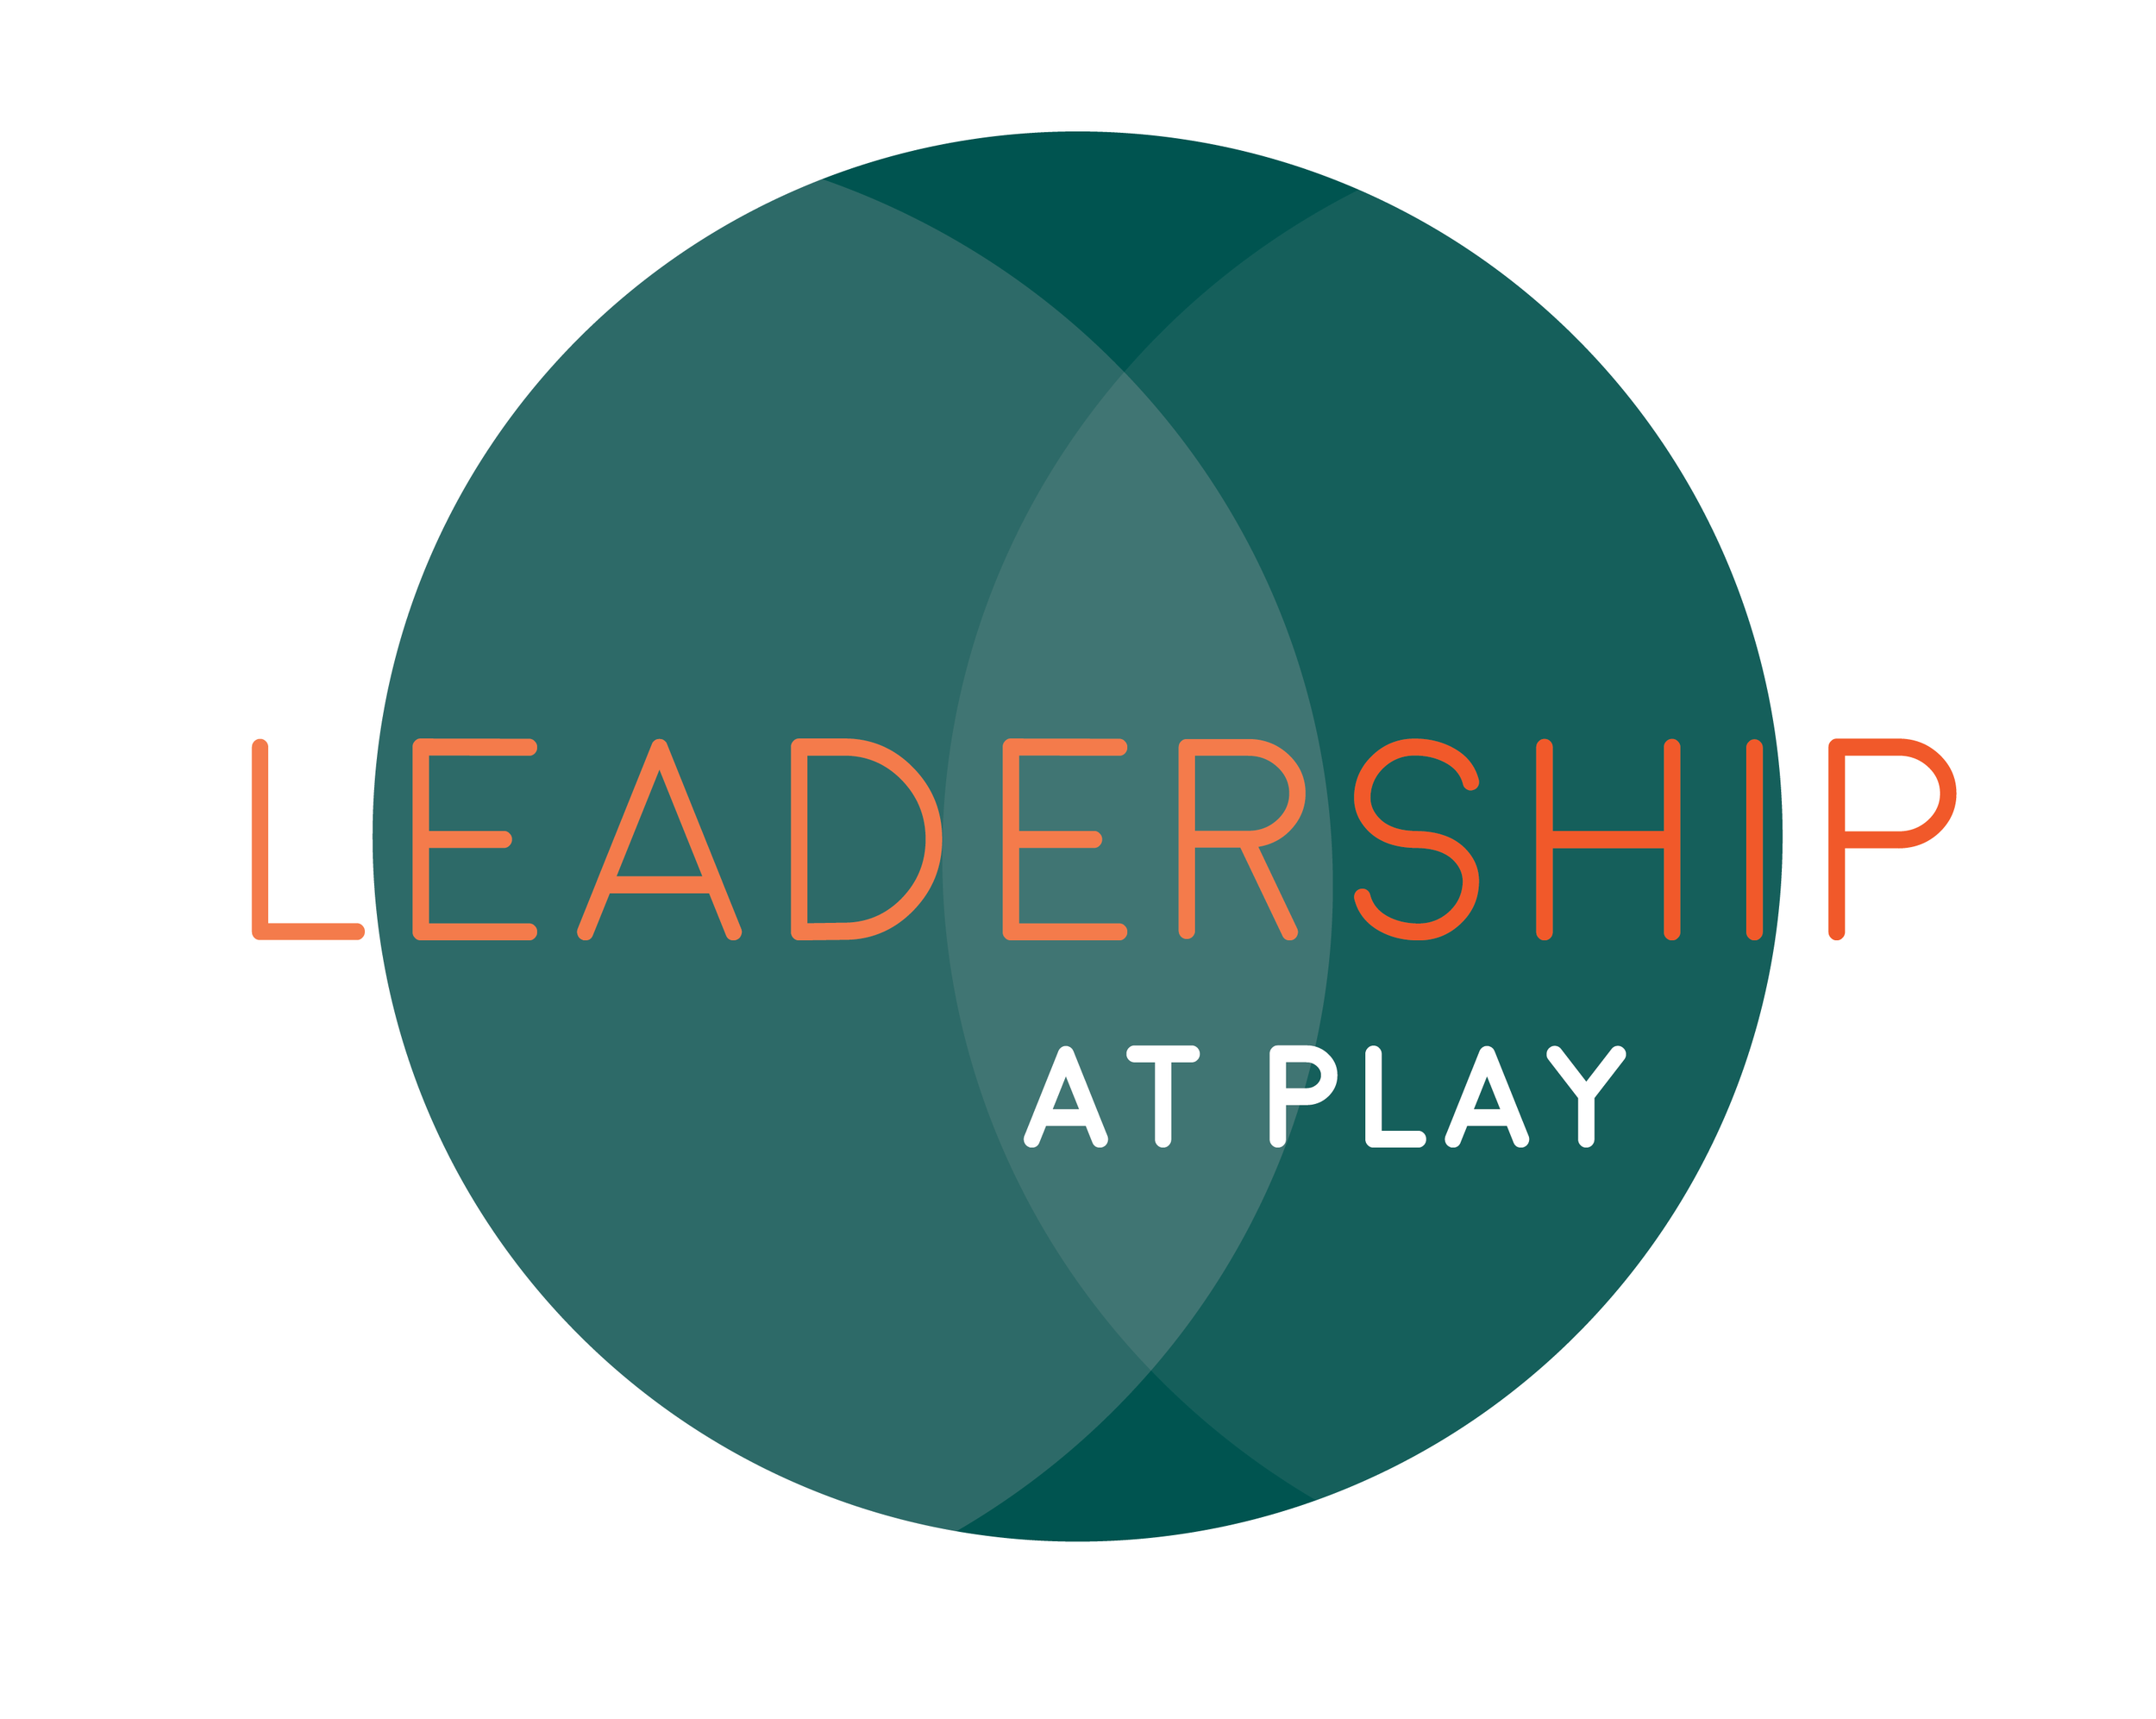 LeadershipATplay_Venn 1.png